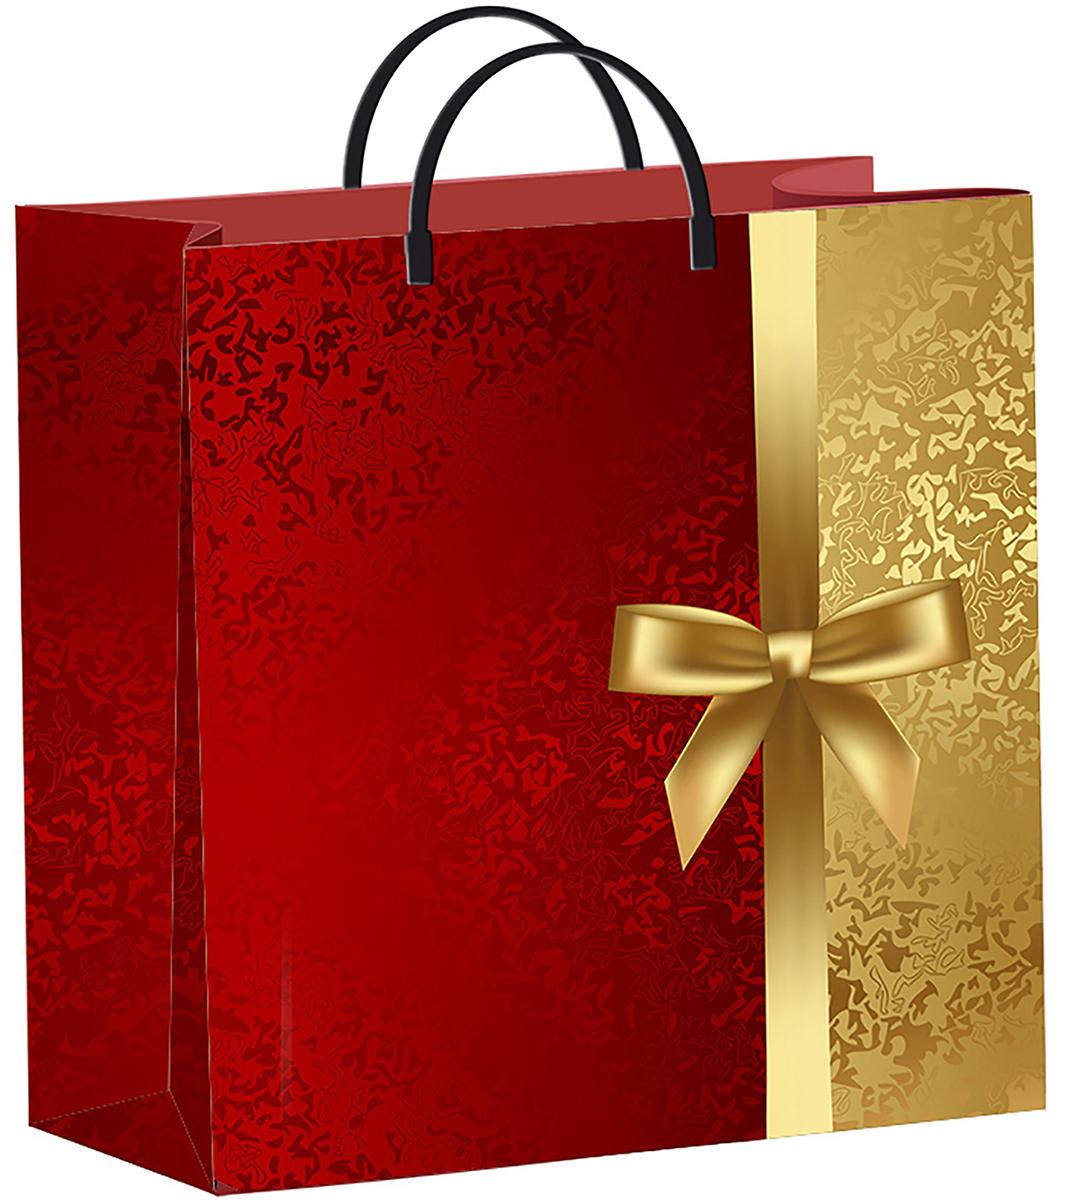 рунетки фото подарочный пакет на золотом фоне для борьбы бронетехникой